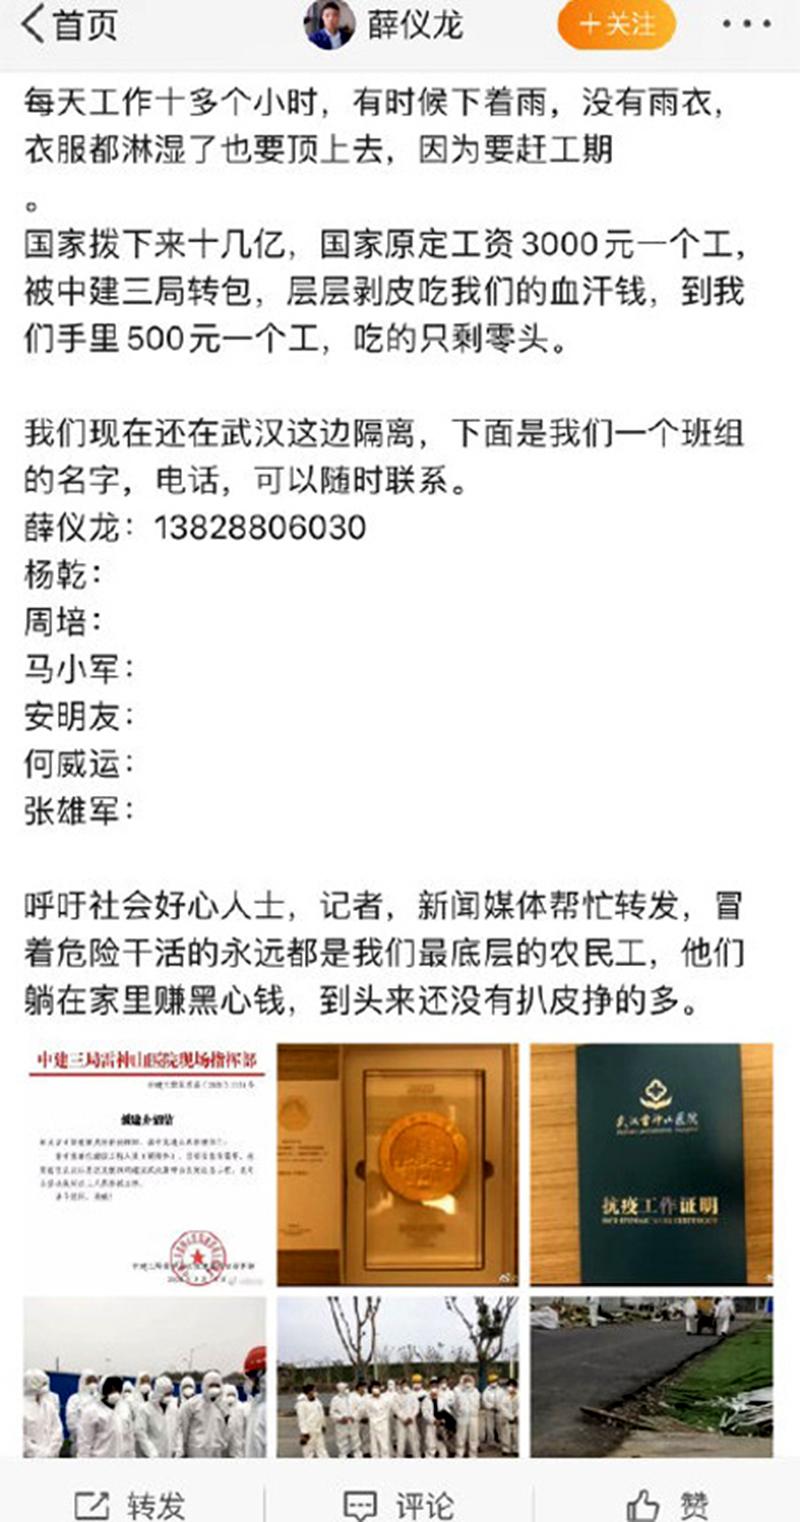 Công nhân xây dựng bệnh viện Lôi Thần Sơn bị chèn ép tiền lương, còn phải tự trả chi phí cách ly (ảnh 2)